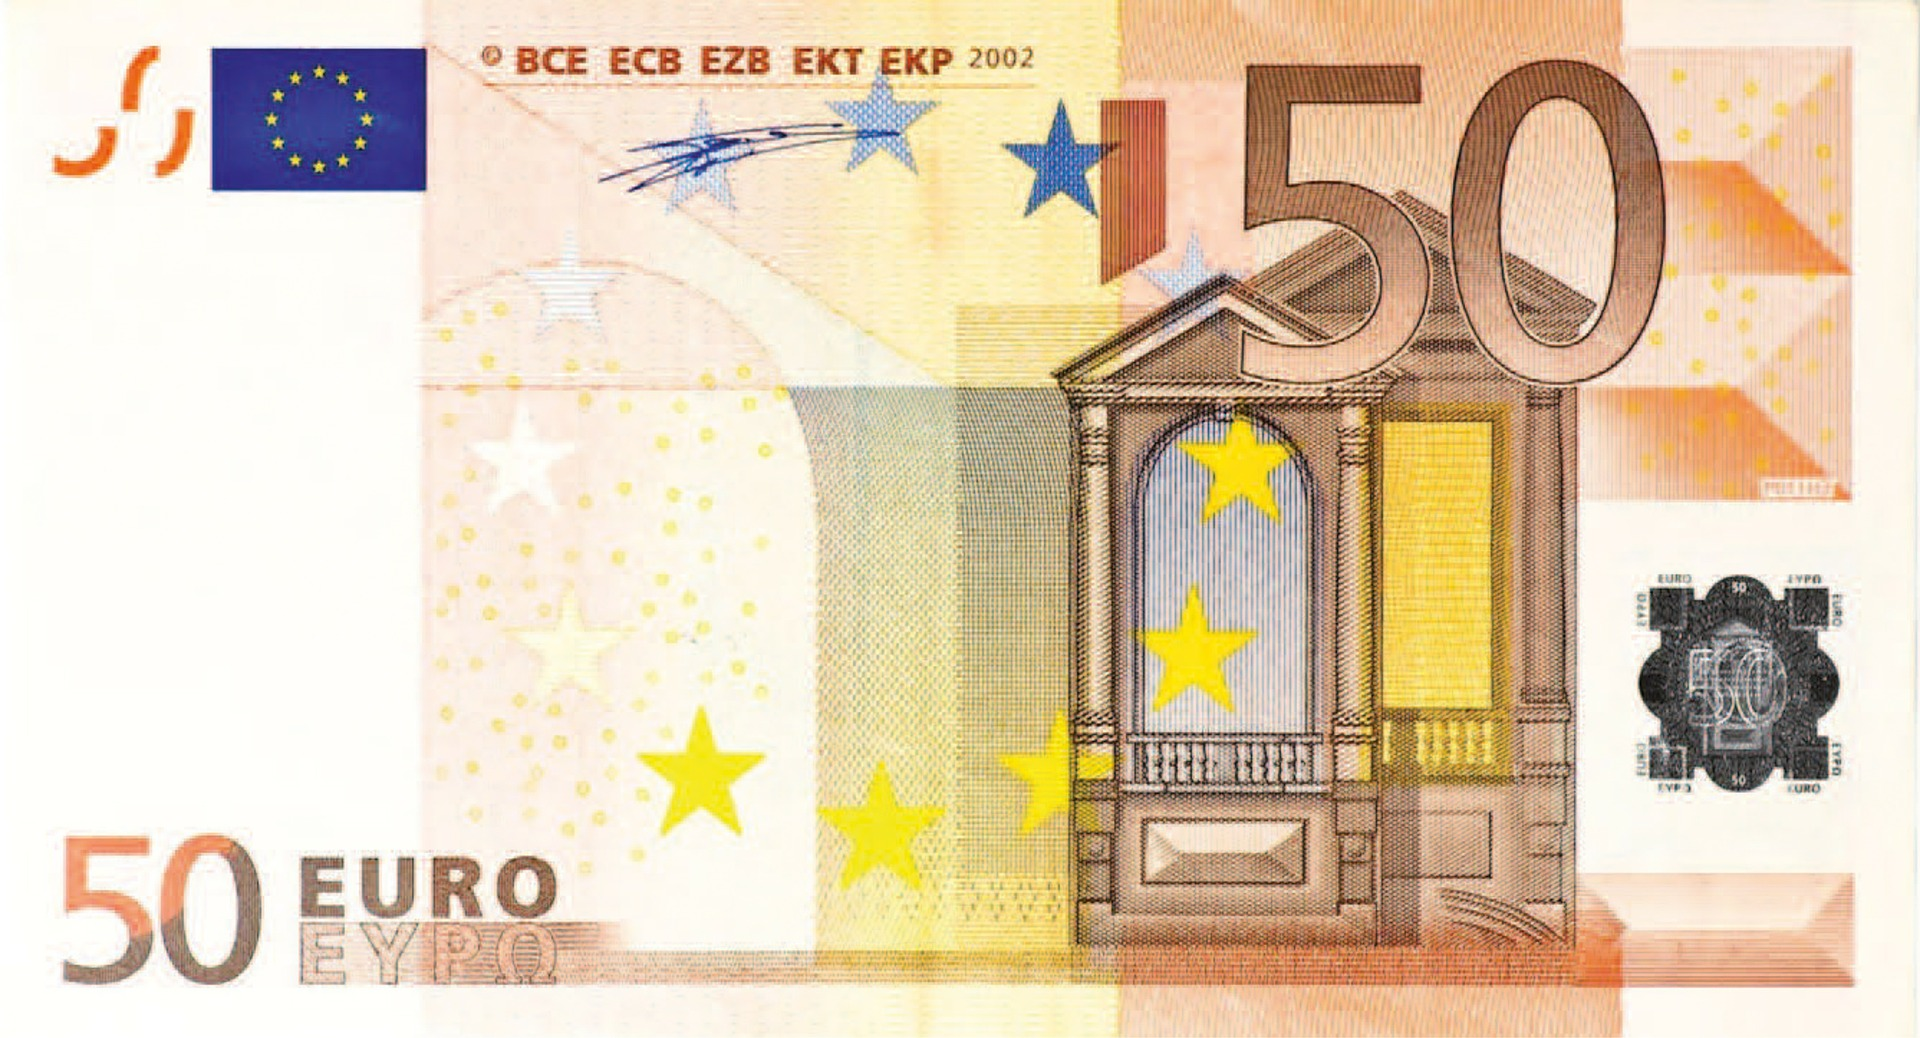 Den gemensamma valuta som flera EU-länder har heter Euro.